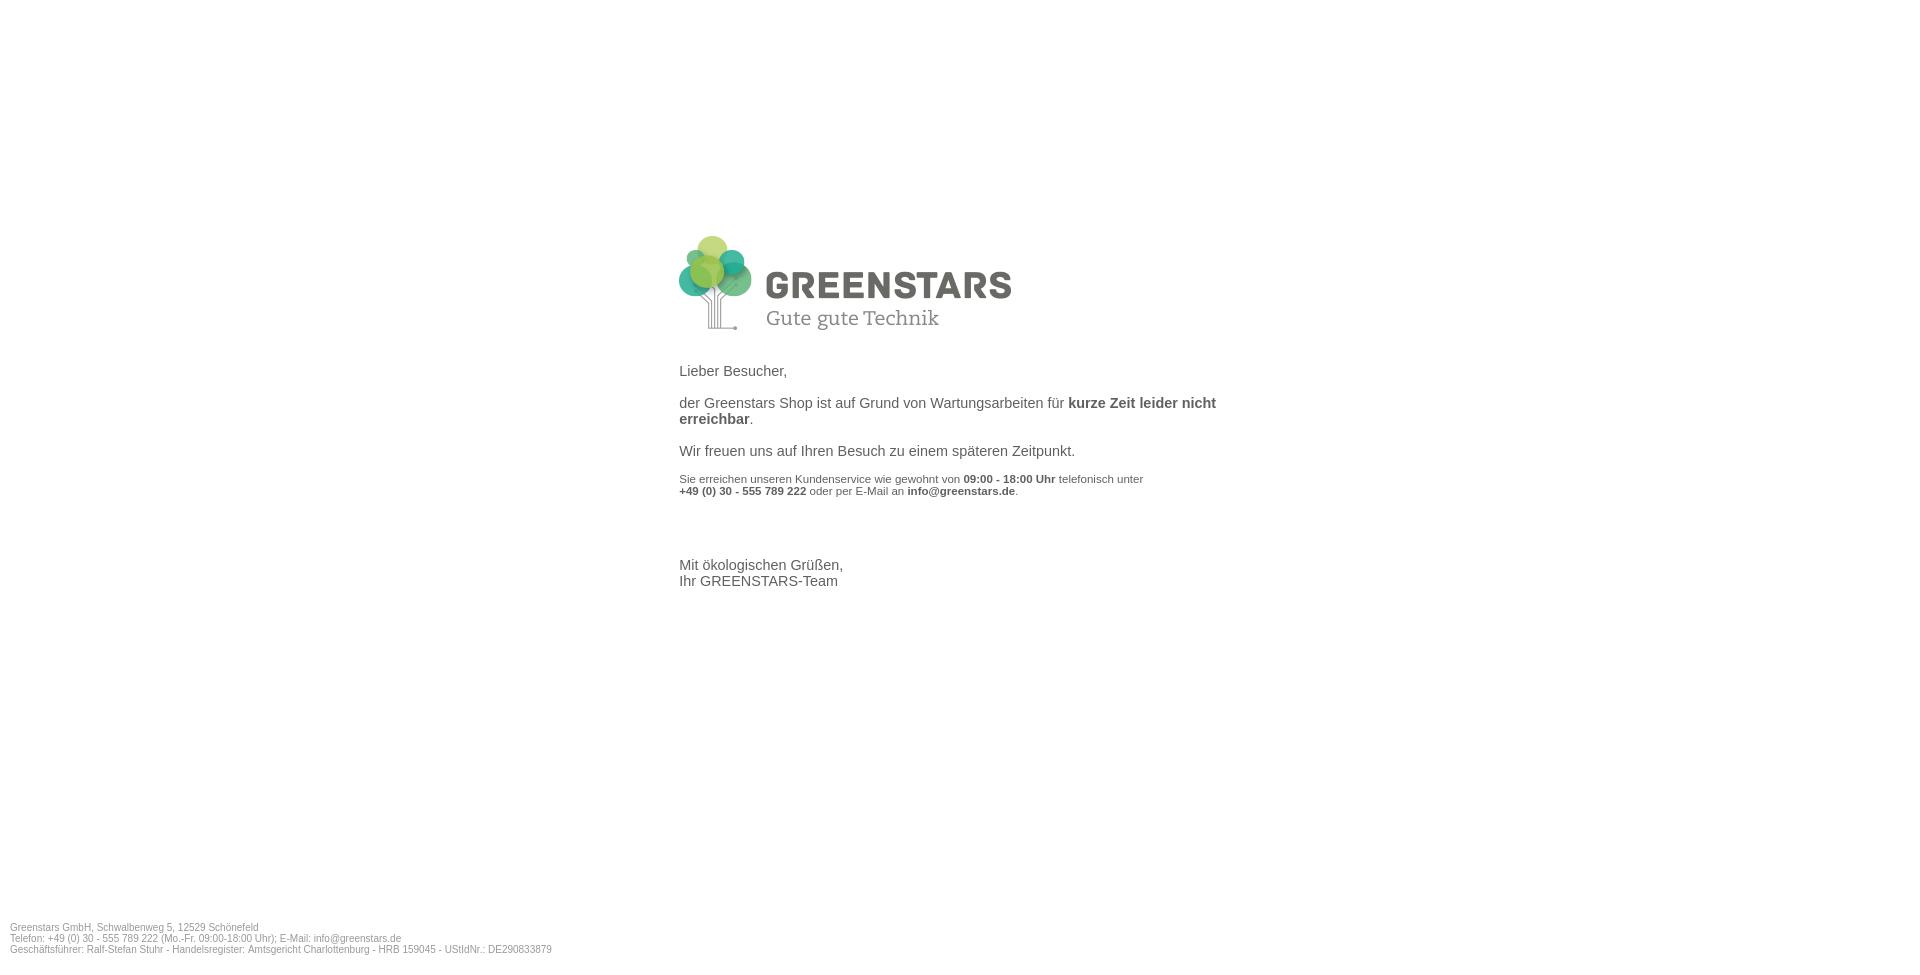 Greenstars